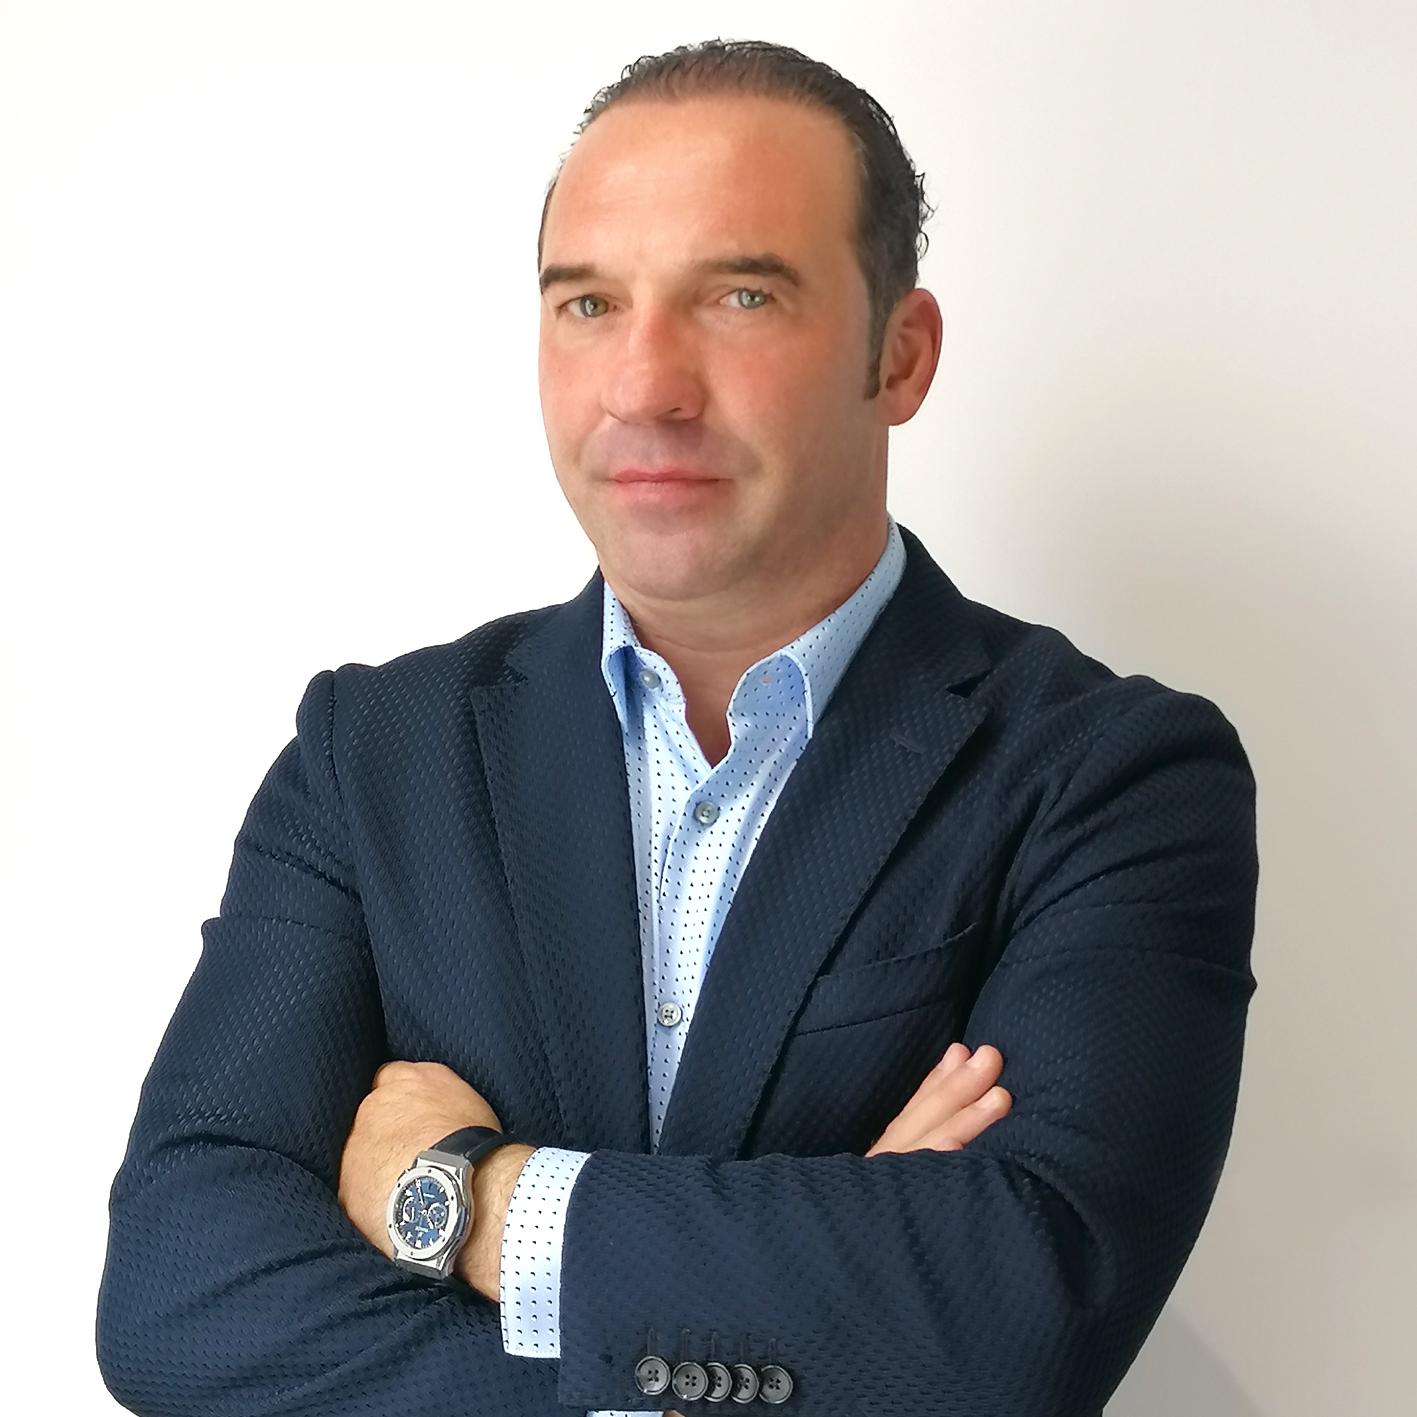 Carlos Maroto